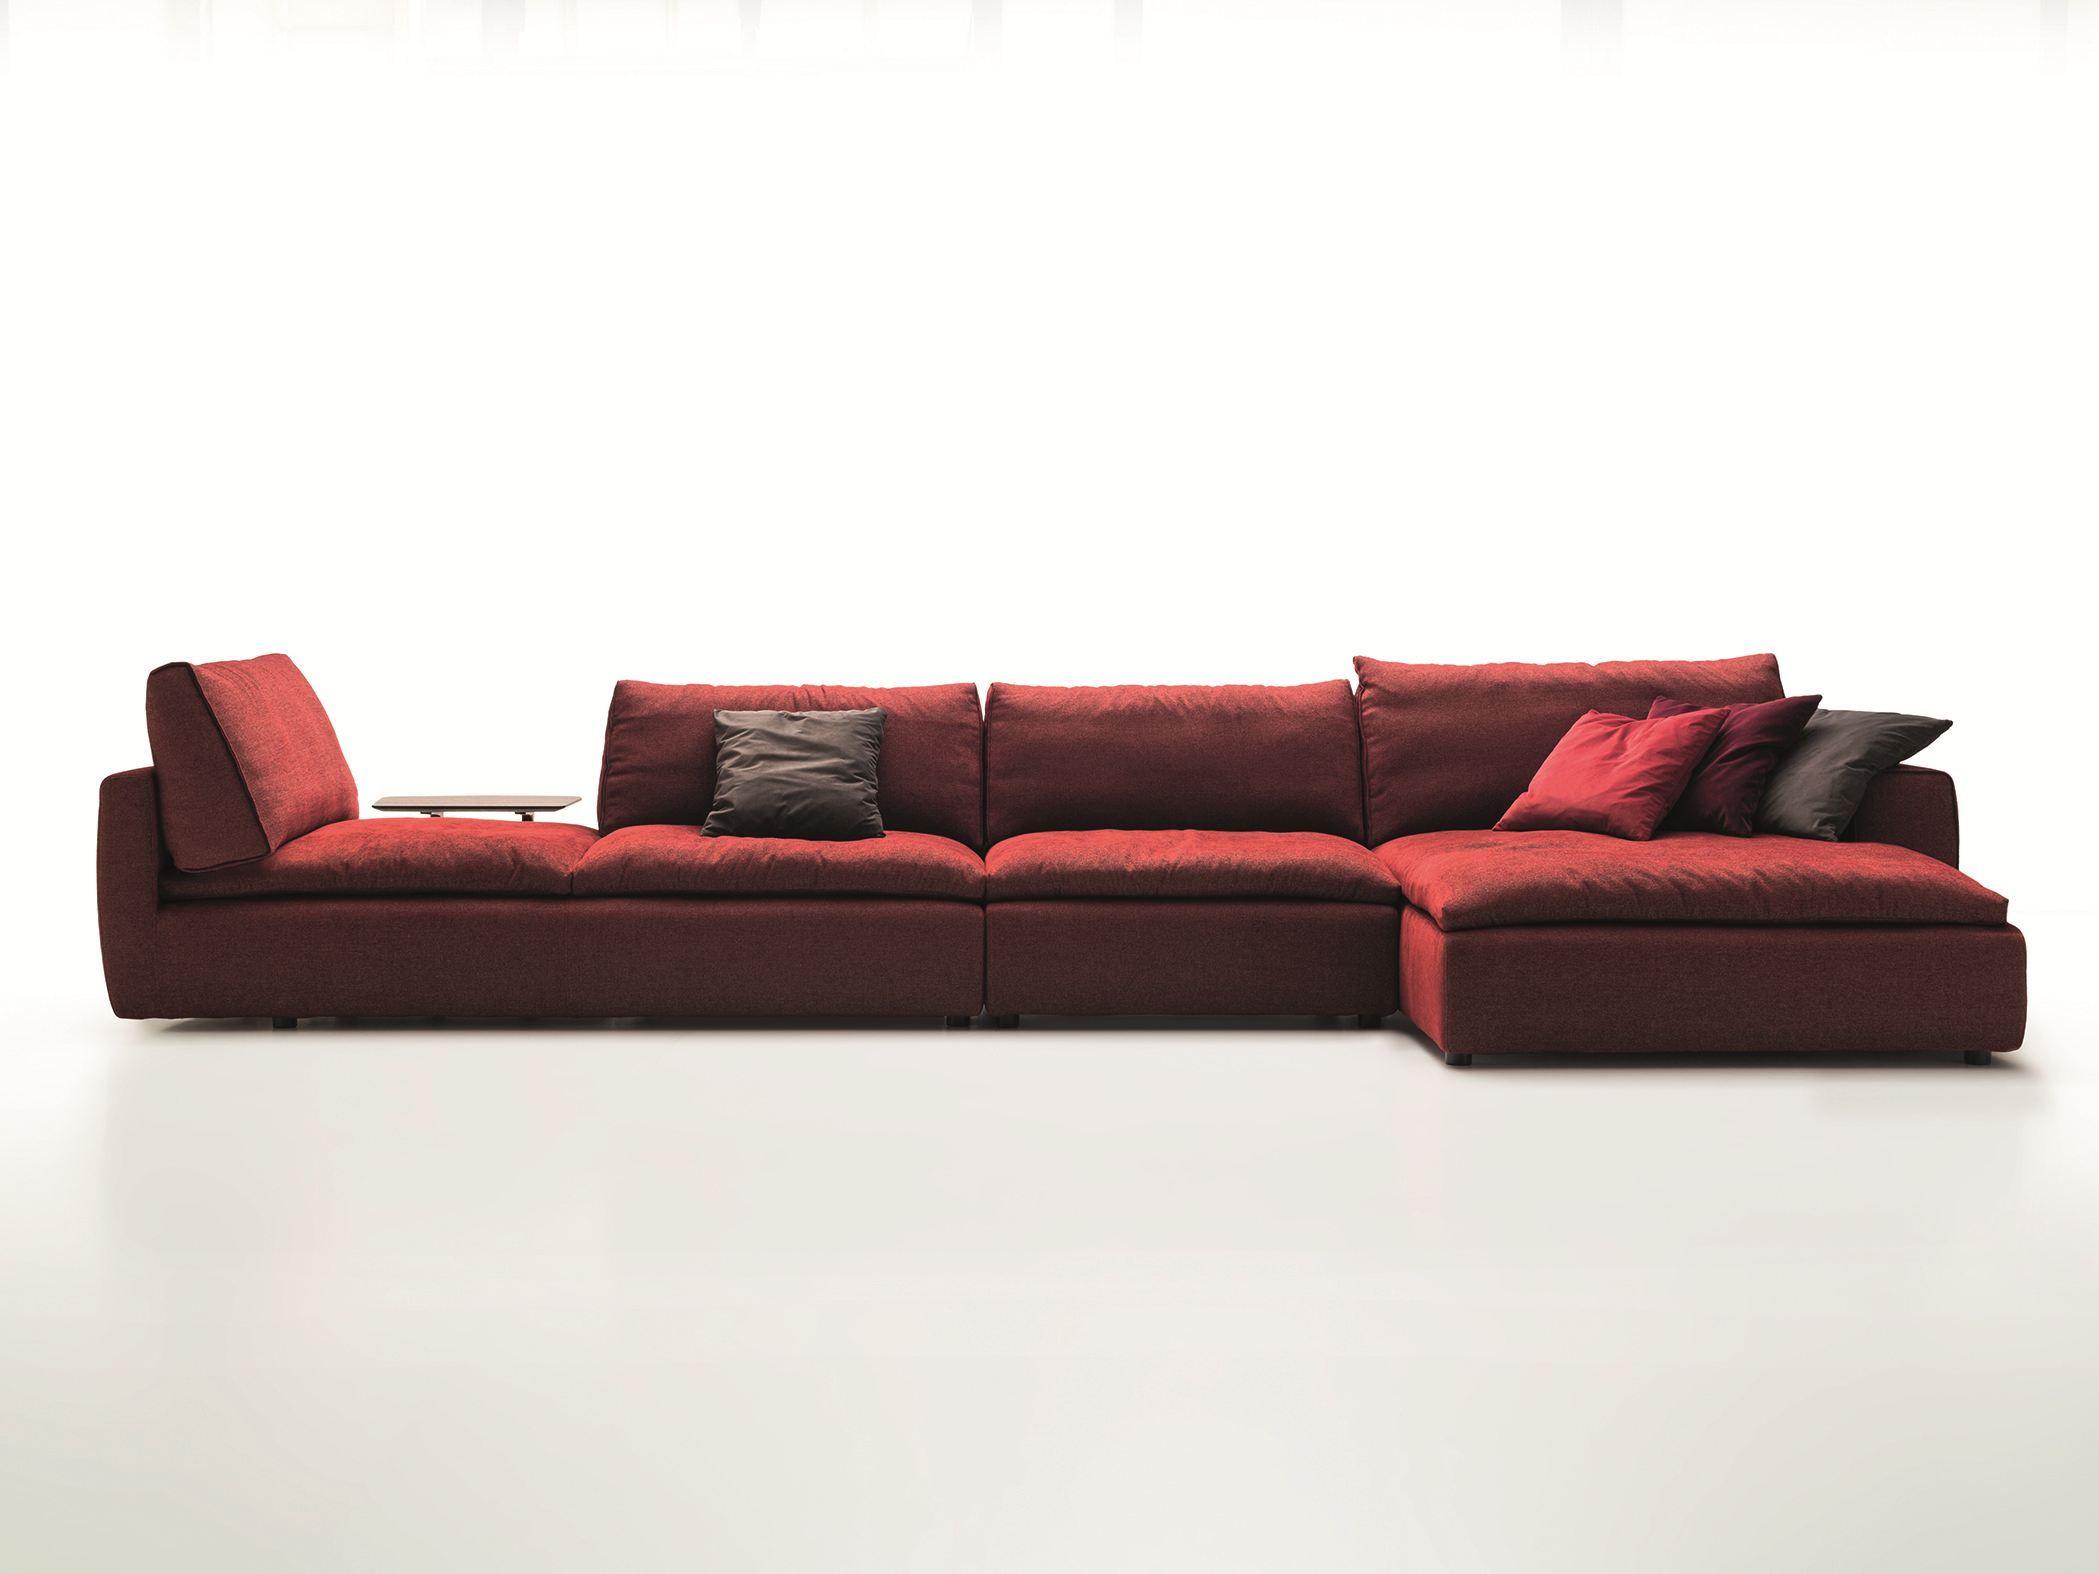 Modular Sofa Ecl Ctico By Ditre Italia Design Stefano Spessotto Lorella Agnoletto